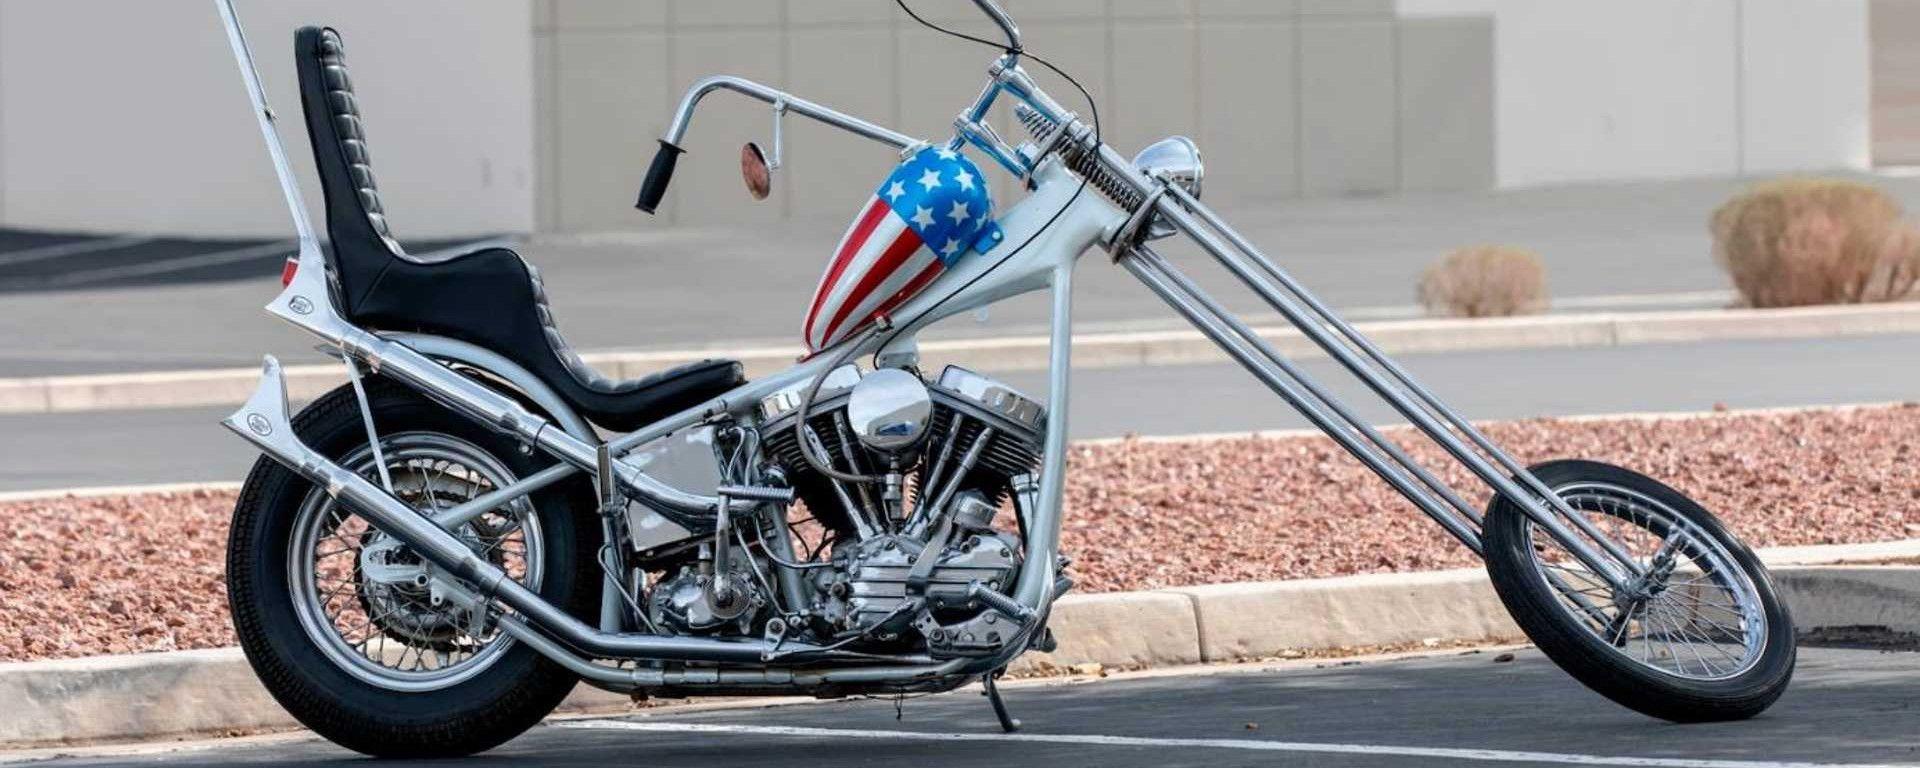 La replica dell'Harley-Davison Panhead 1963 del film Easy Rider